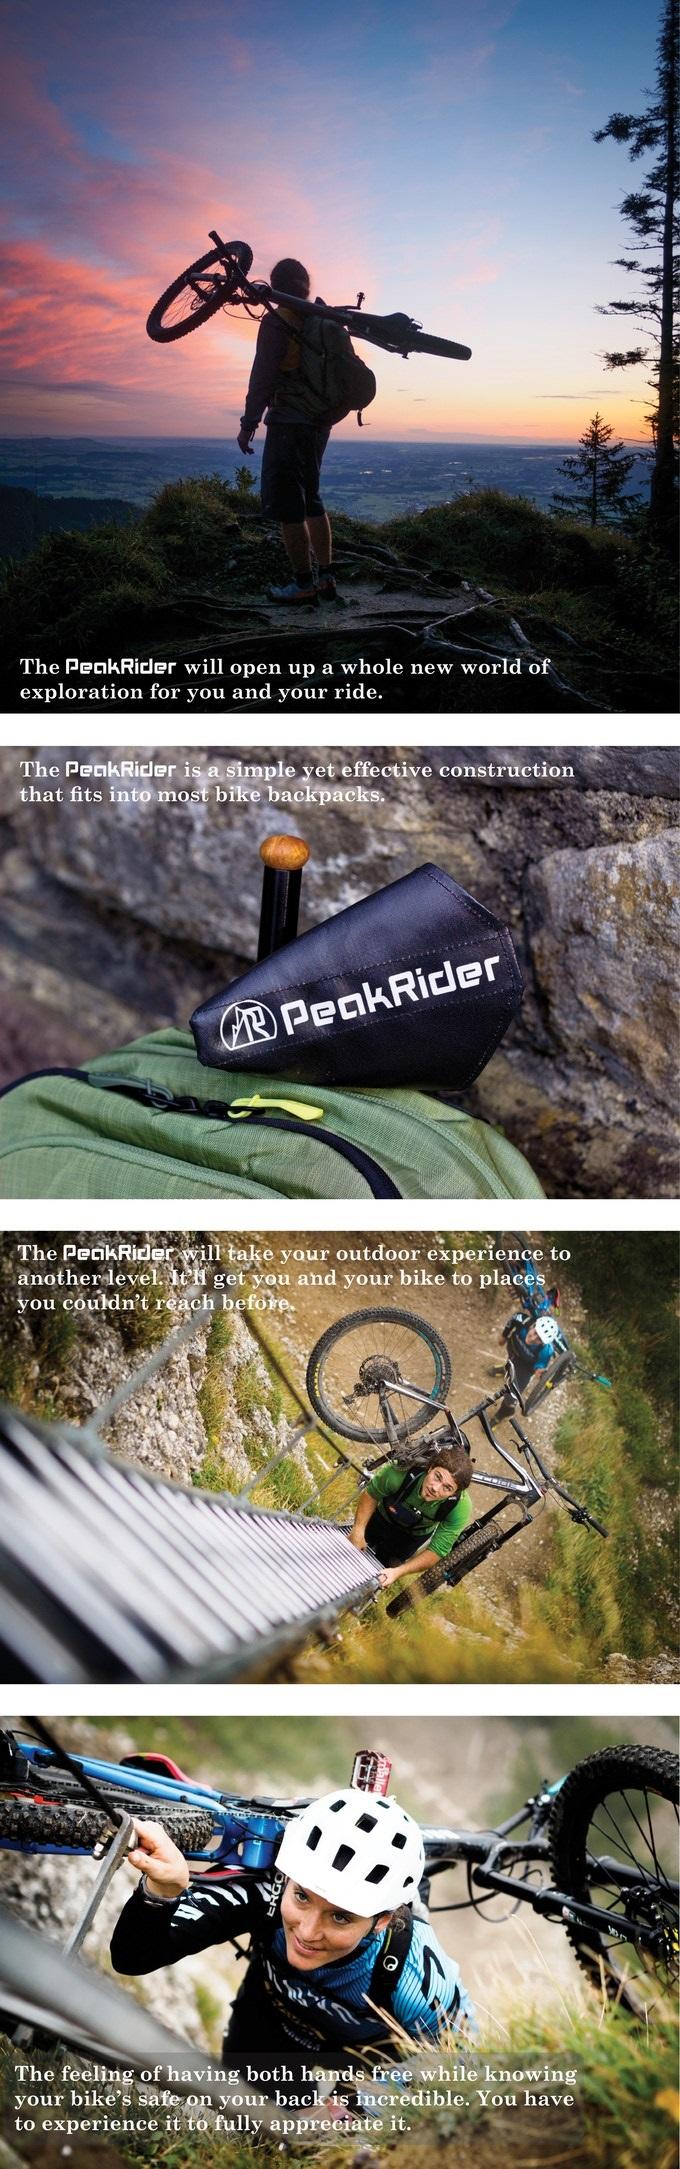 Peakrider project voorbeeld foto's